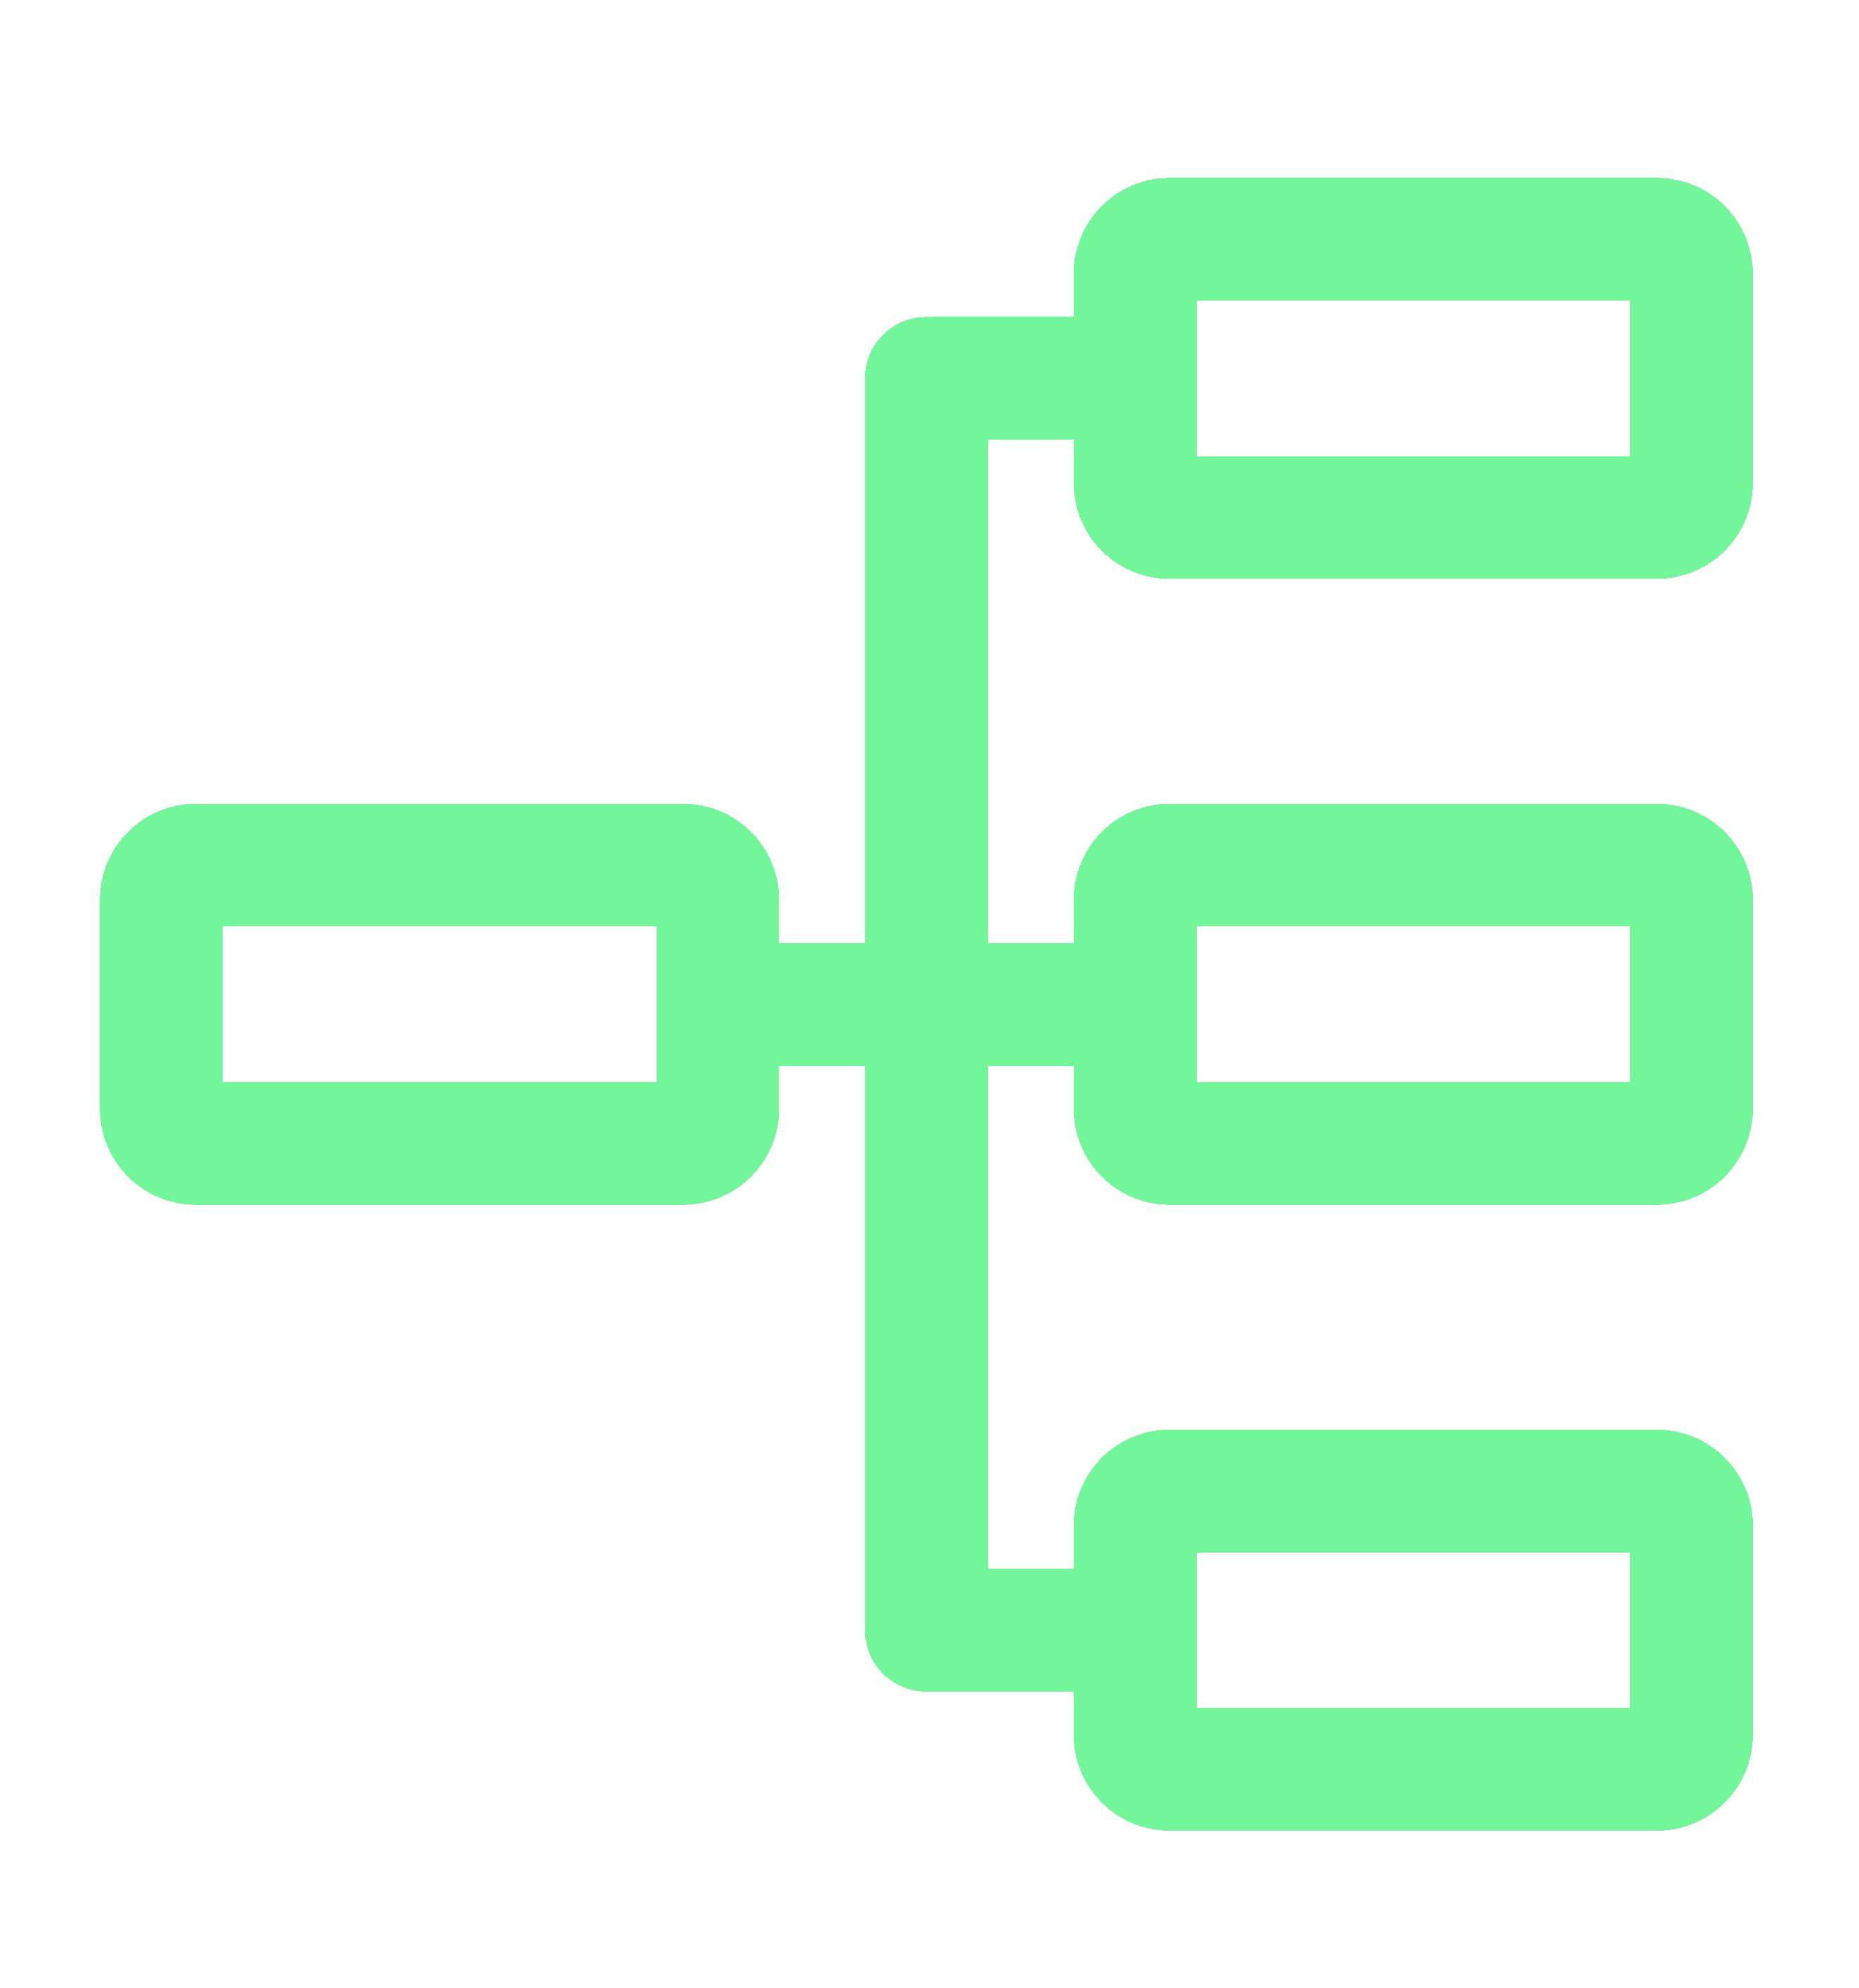 icon-frame